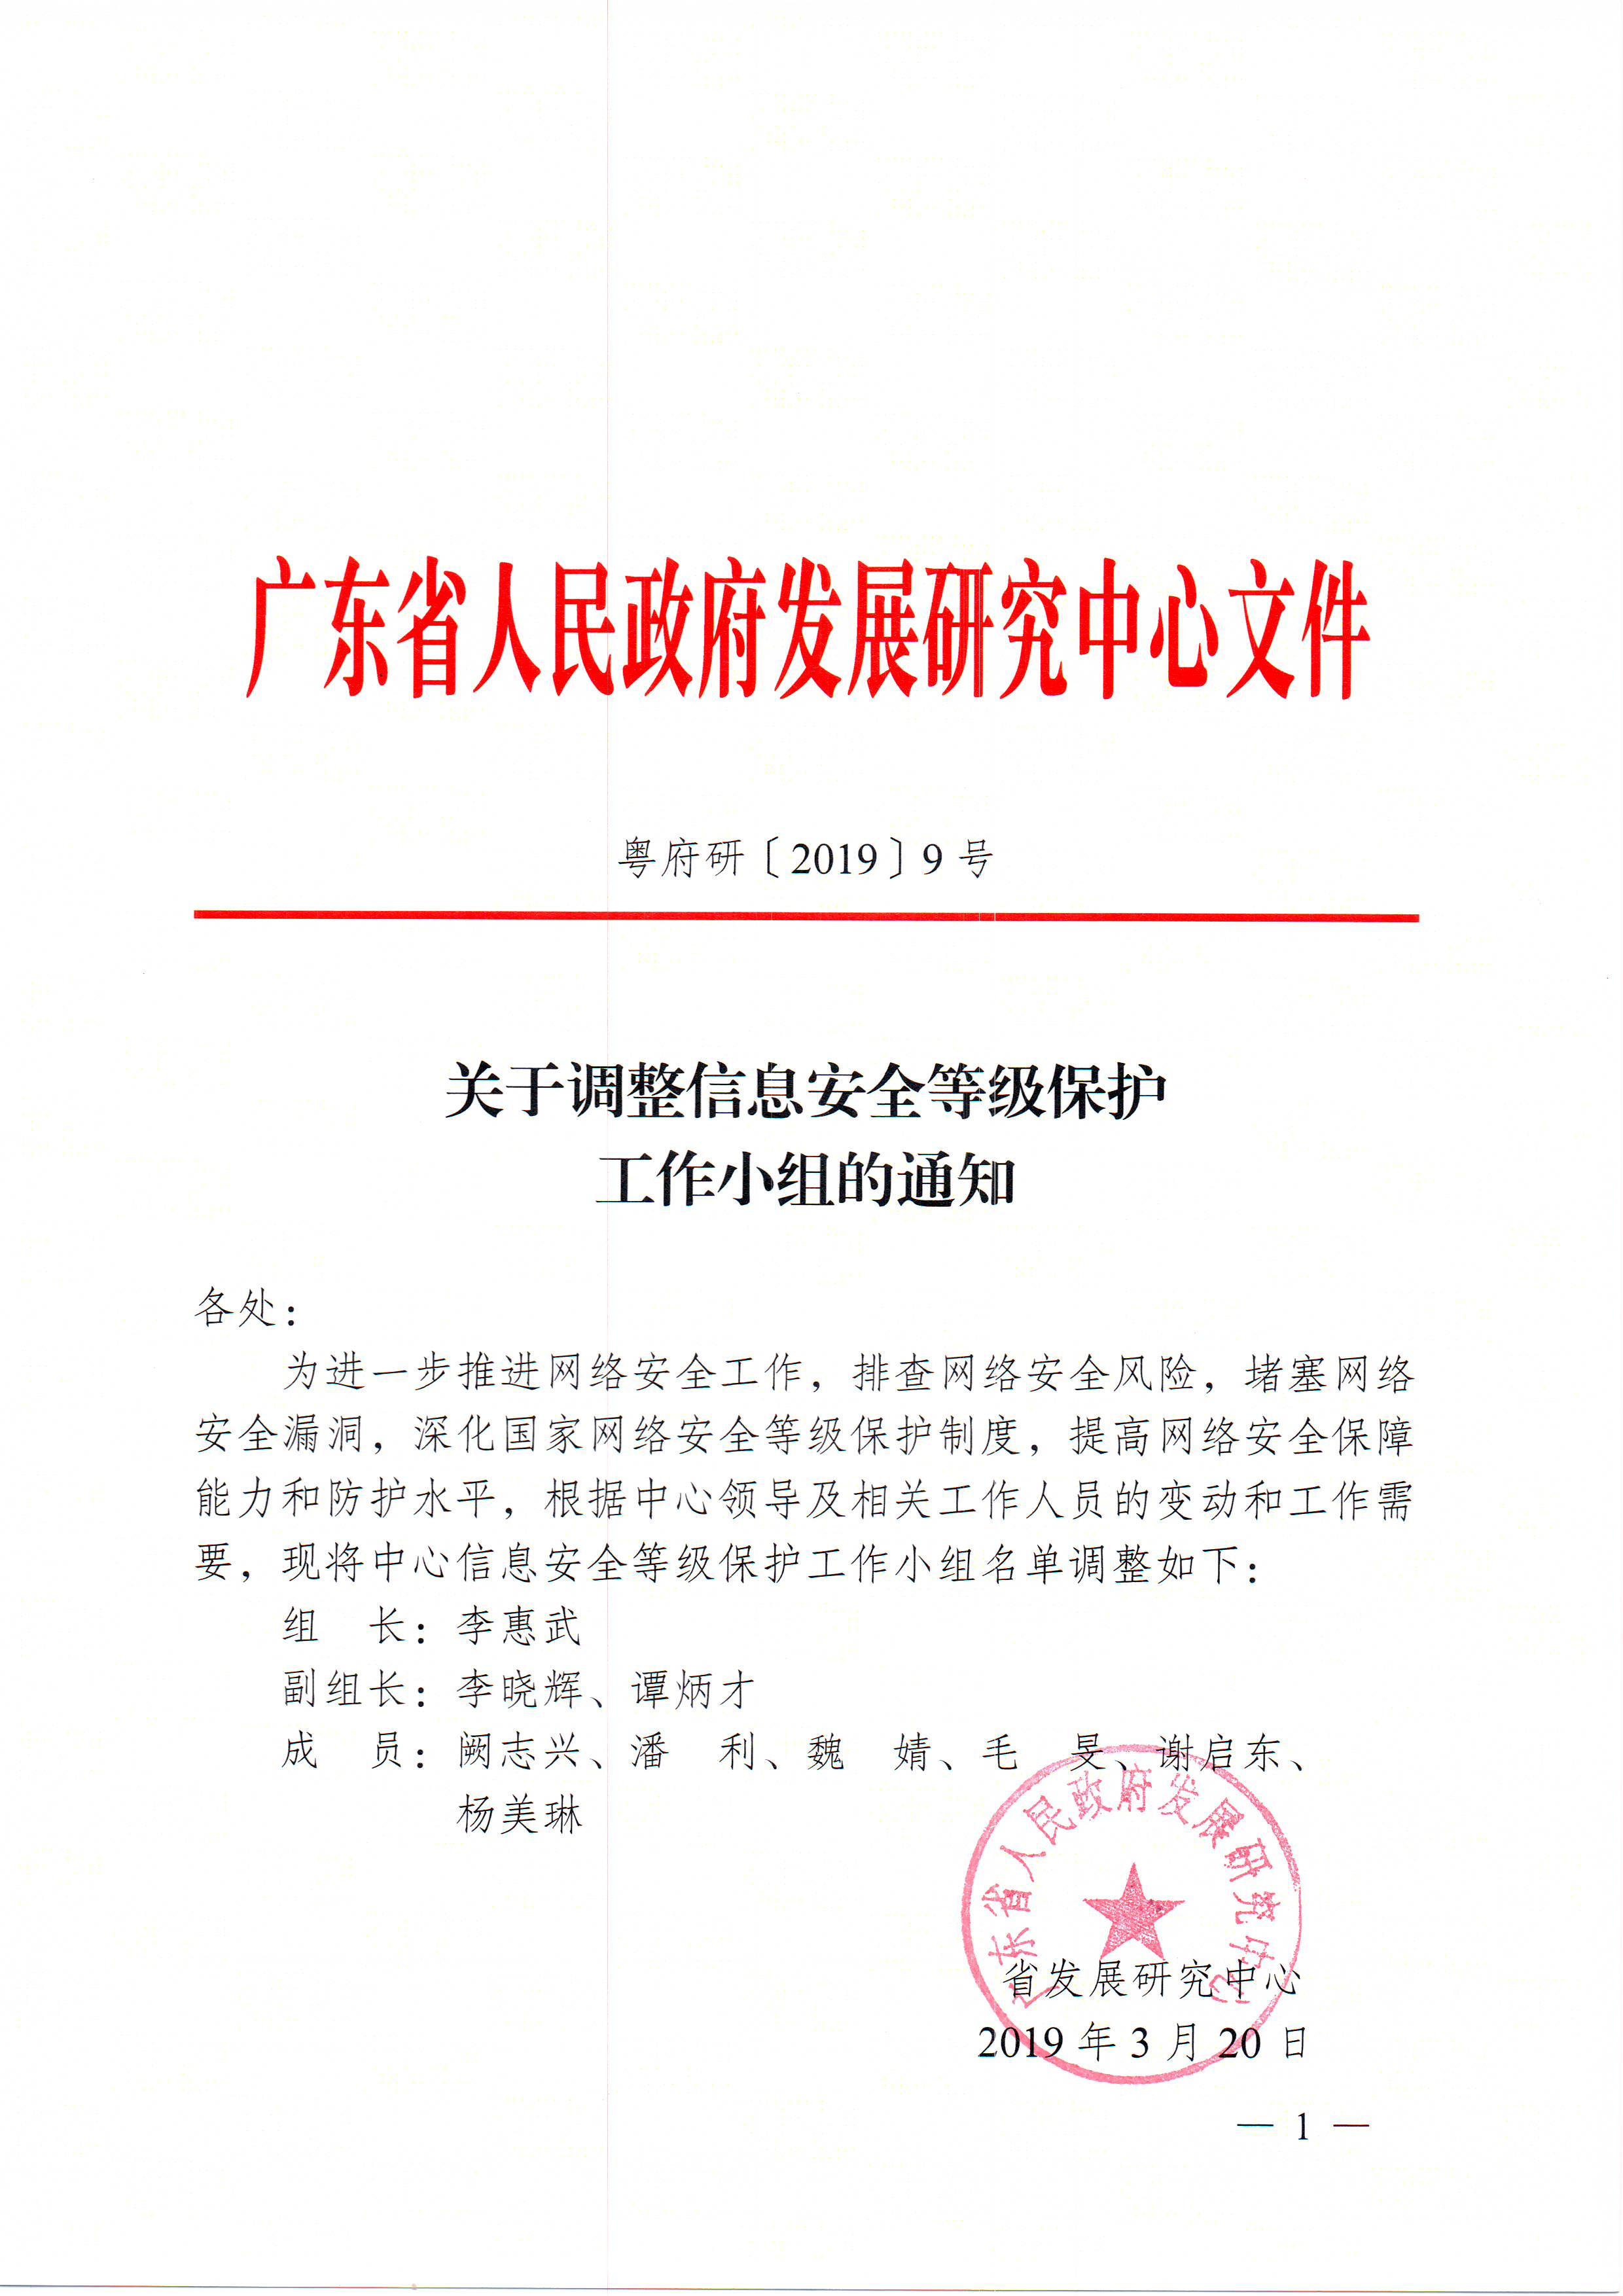 关于调整信息安全等级保护工作小组的通知.JPG